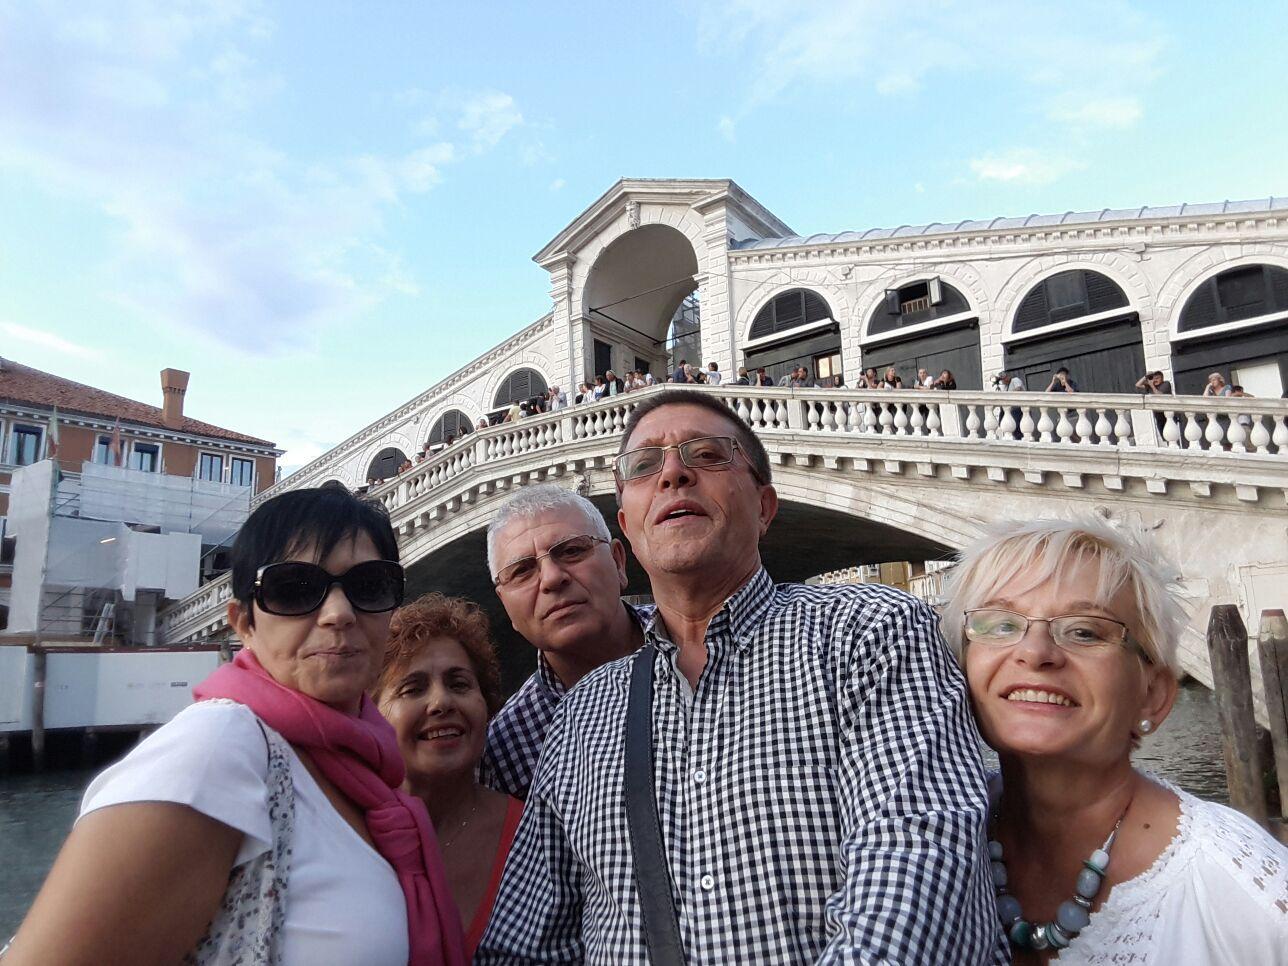 Ino, M Jose, Rosa, Jose y Antonio con el Puente de Rialto en Venecia.